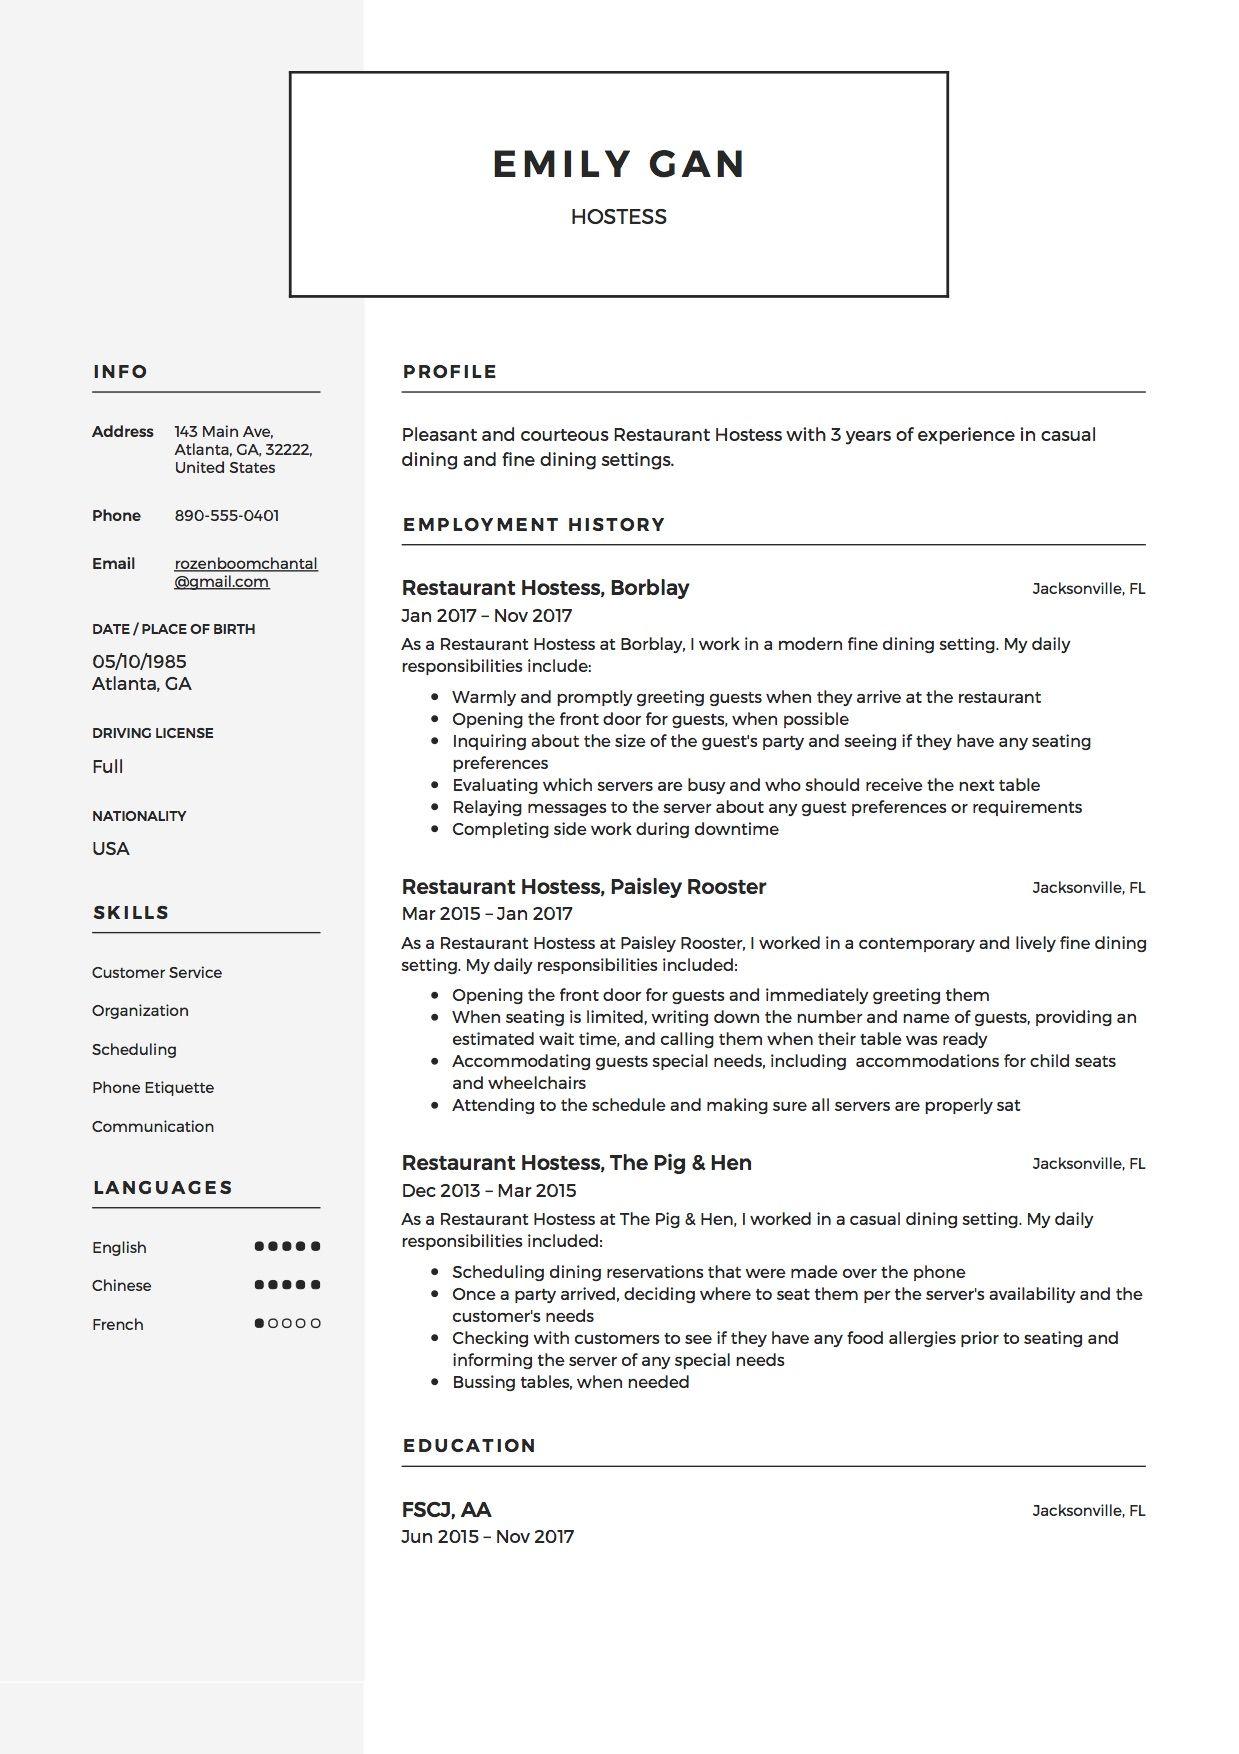 Restaurant Hostess Resume Sample Template Example Restaurant Hostess Resume Guide Job Resume Samples